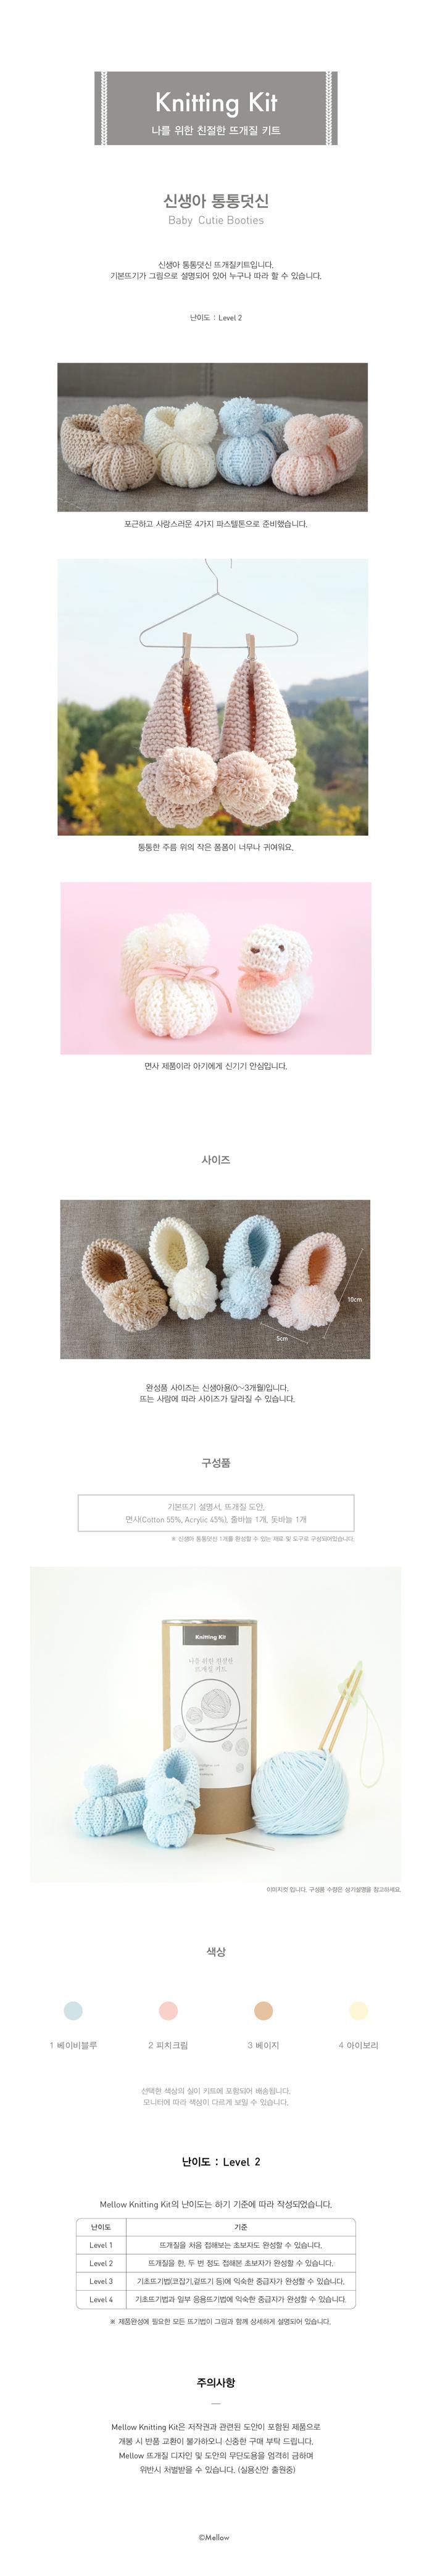 니팅키트- 신생아 통통덧신 - 멜로우, 19,000원, DIY아기용품, DIY아기용품